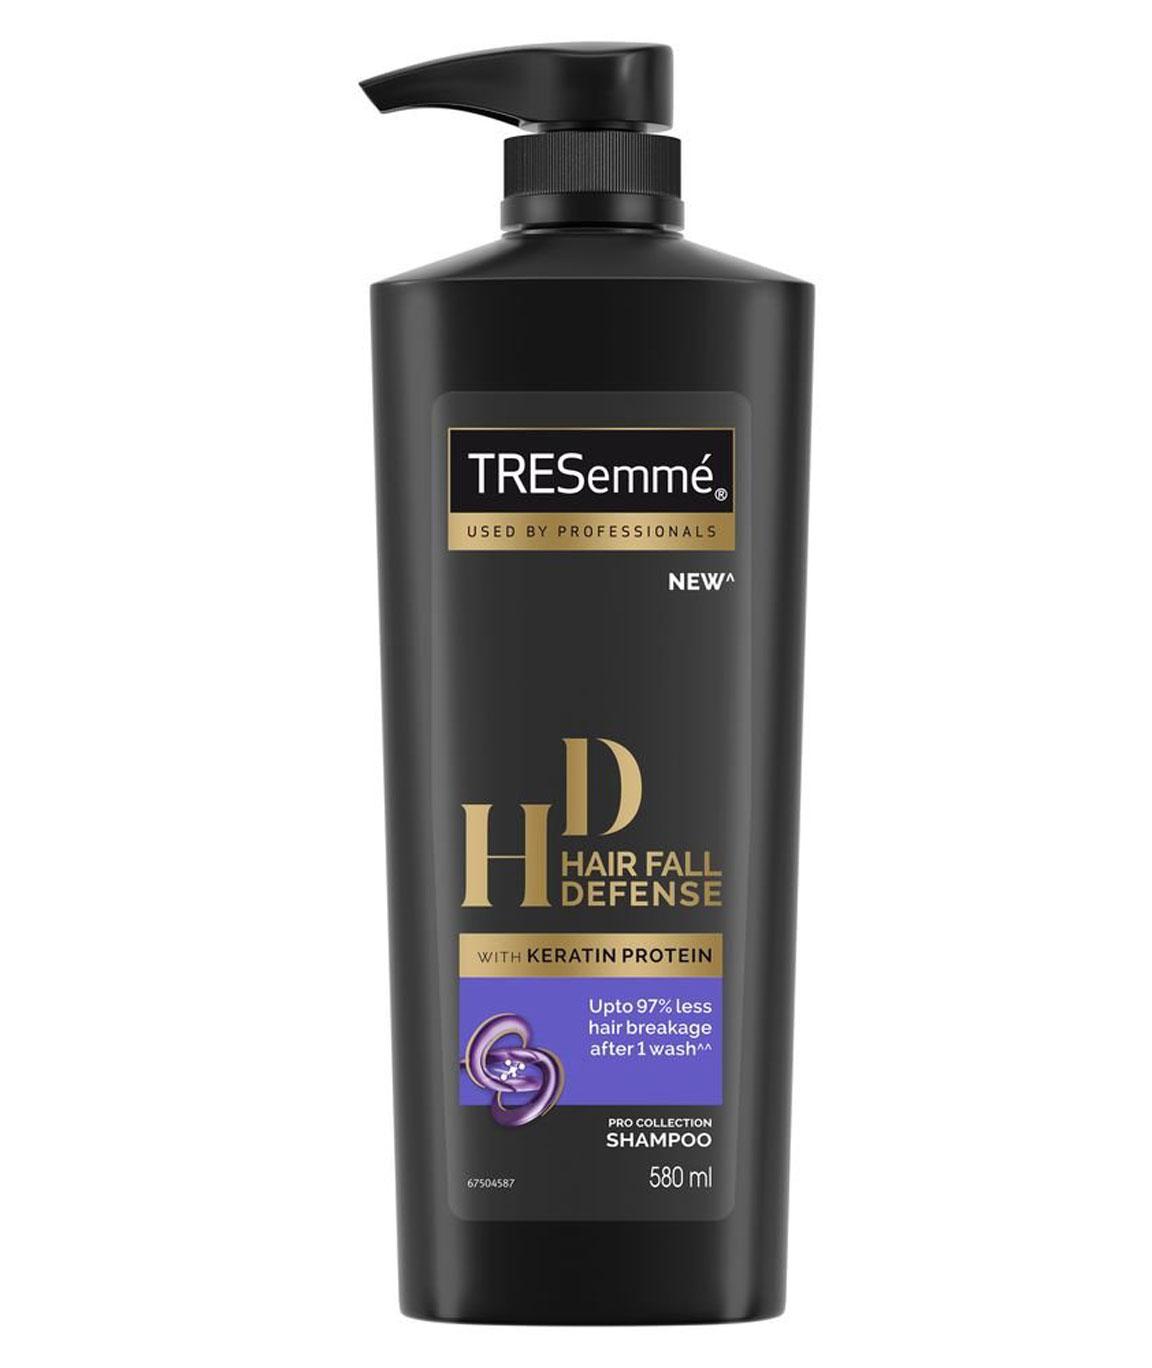 TRESemme Hair Fall Defense Shampoo, 580ml